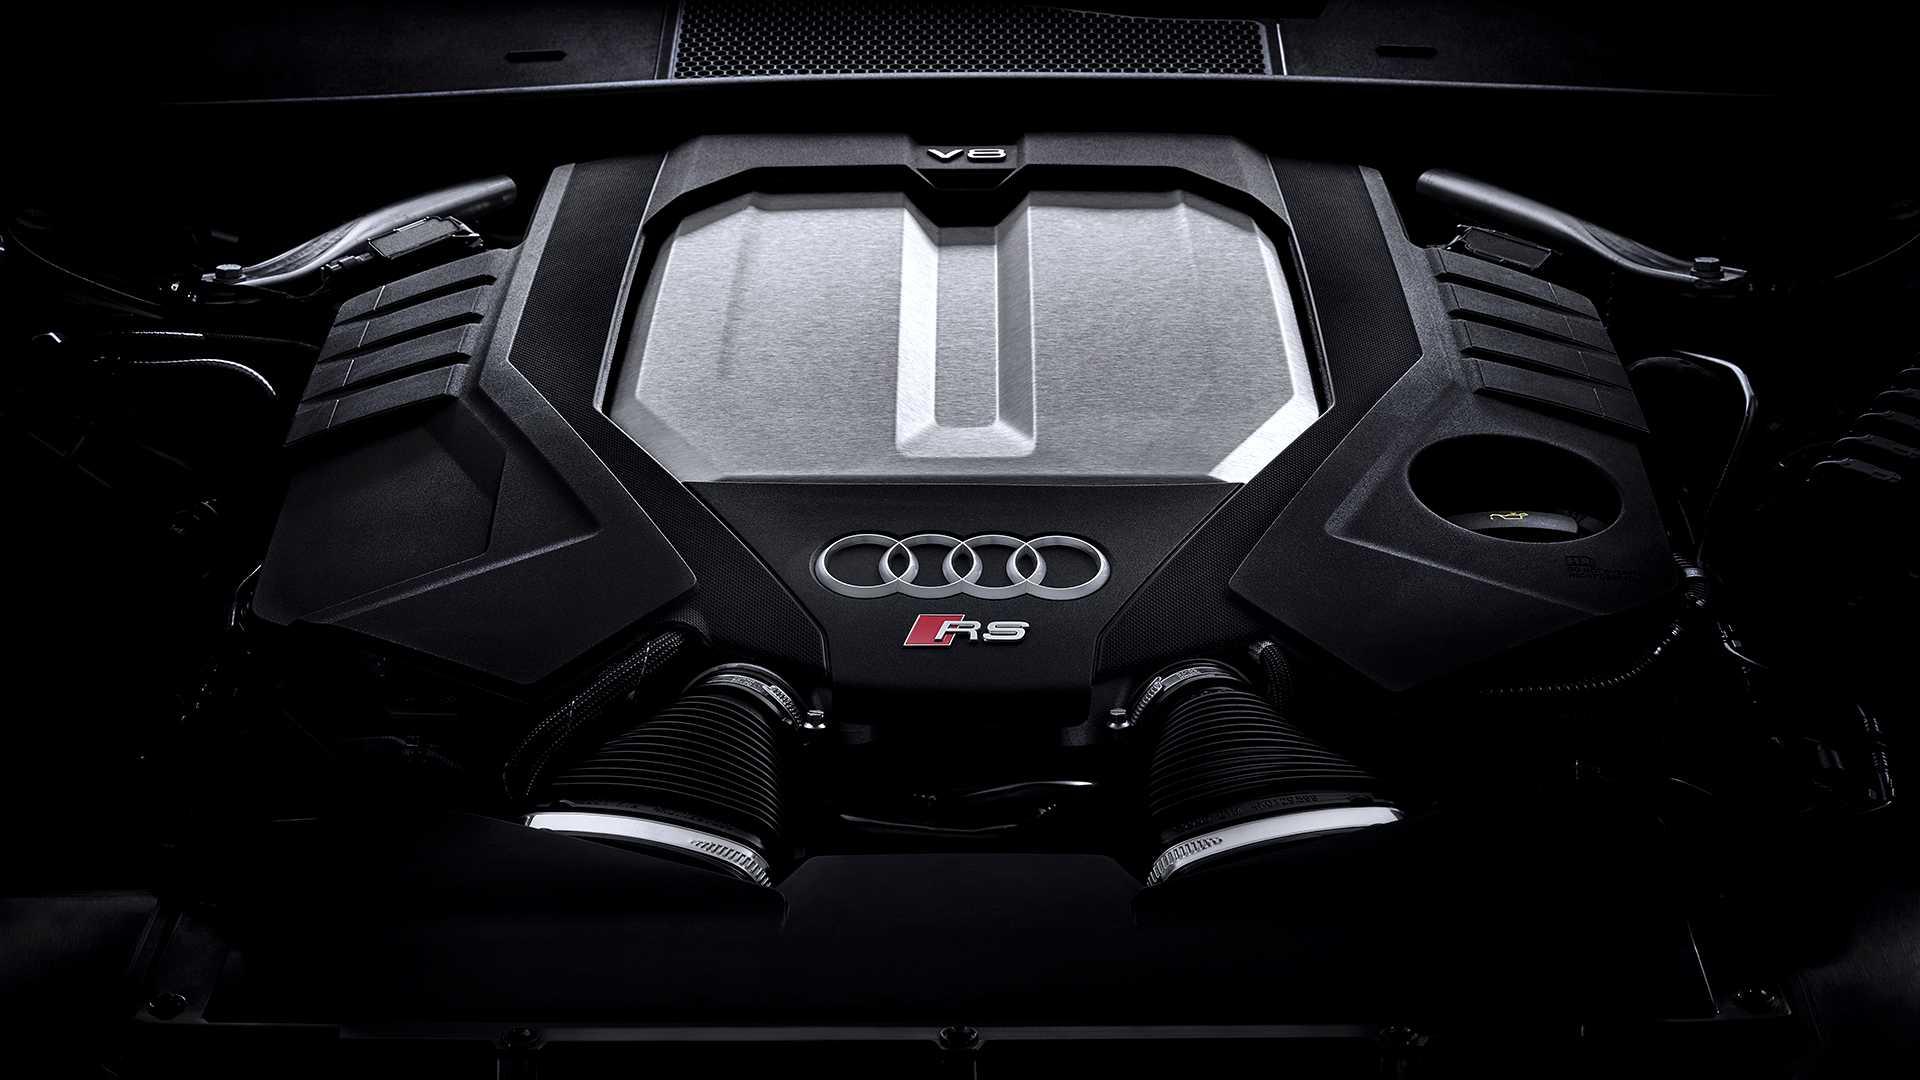 庆贺RS系列25周年 全系一代奥迪RS 6 Avant官图发布